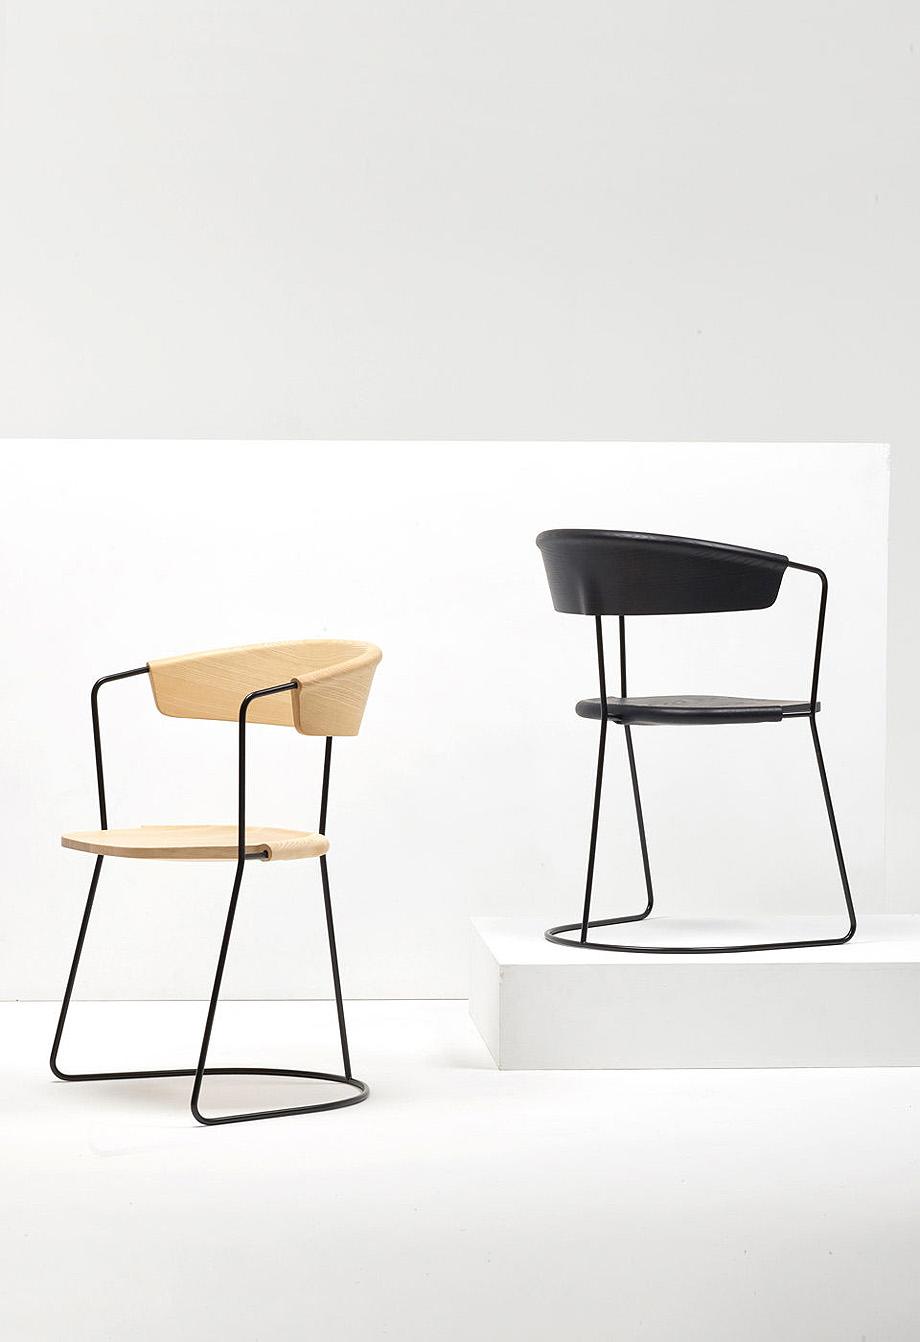 silla y taburete uncino de bouroullec y mattiazzi (3)